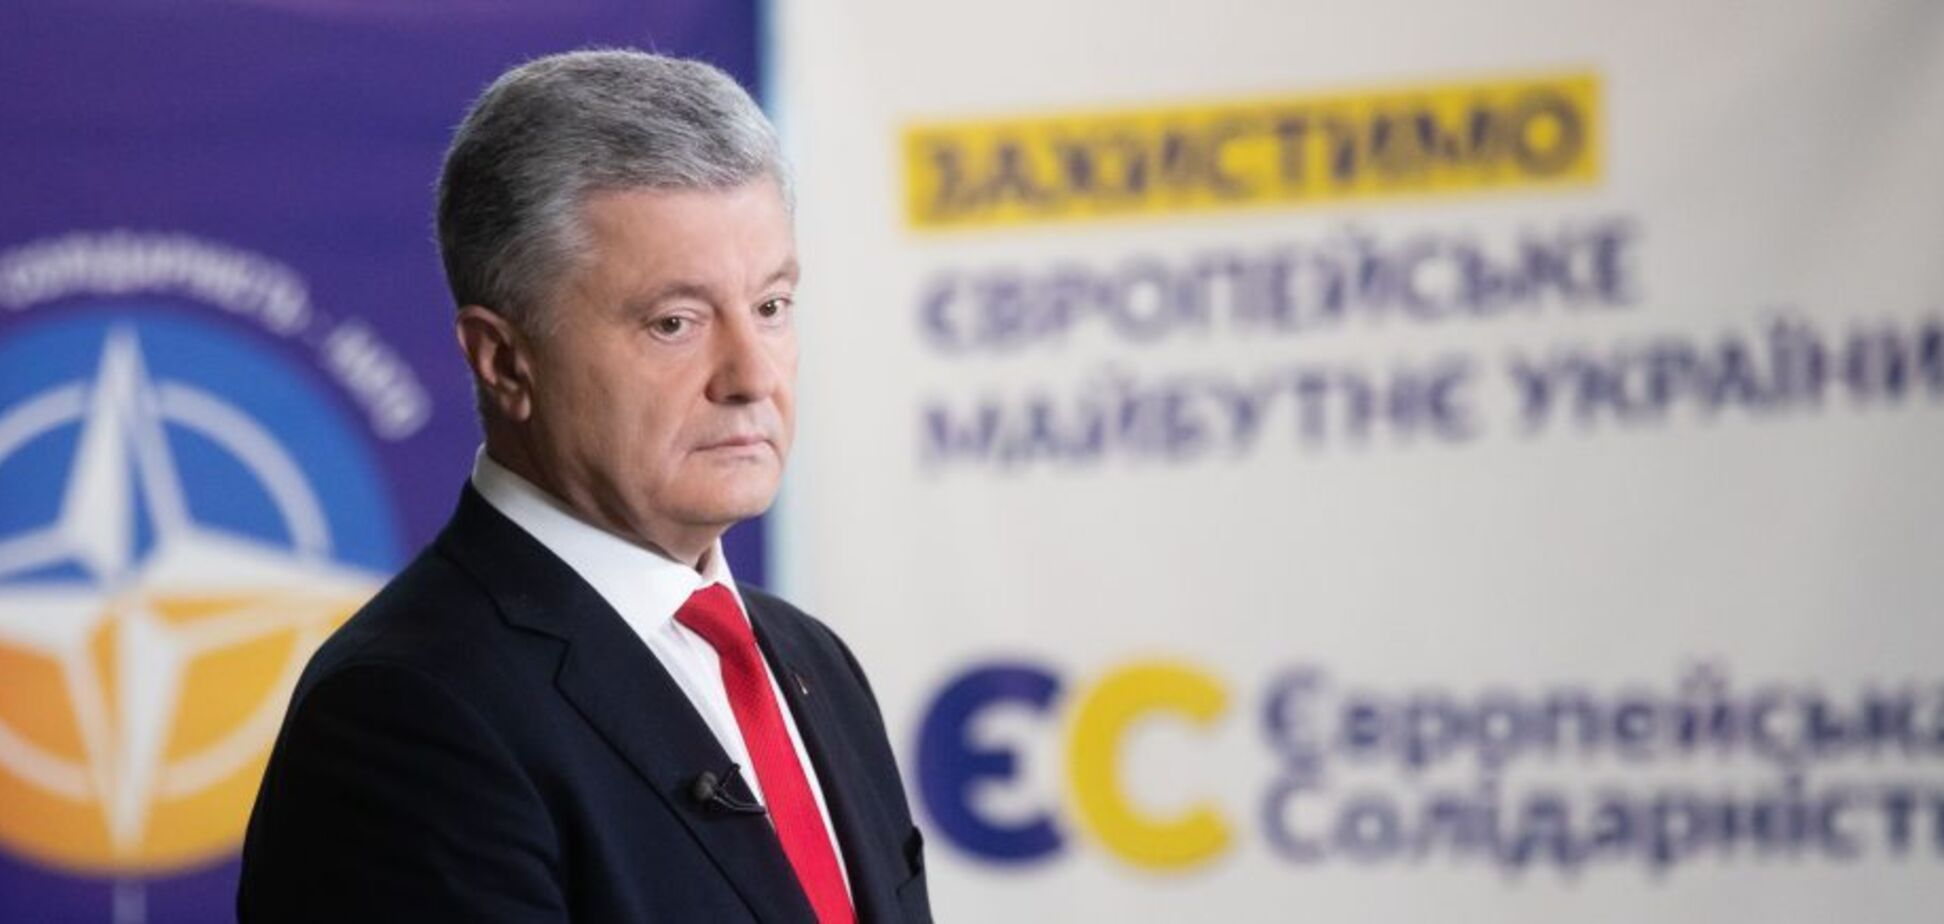 Петр Порошенко призвал отменить постановление о переоформлении субсидий во время пандемии